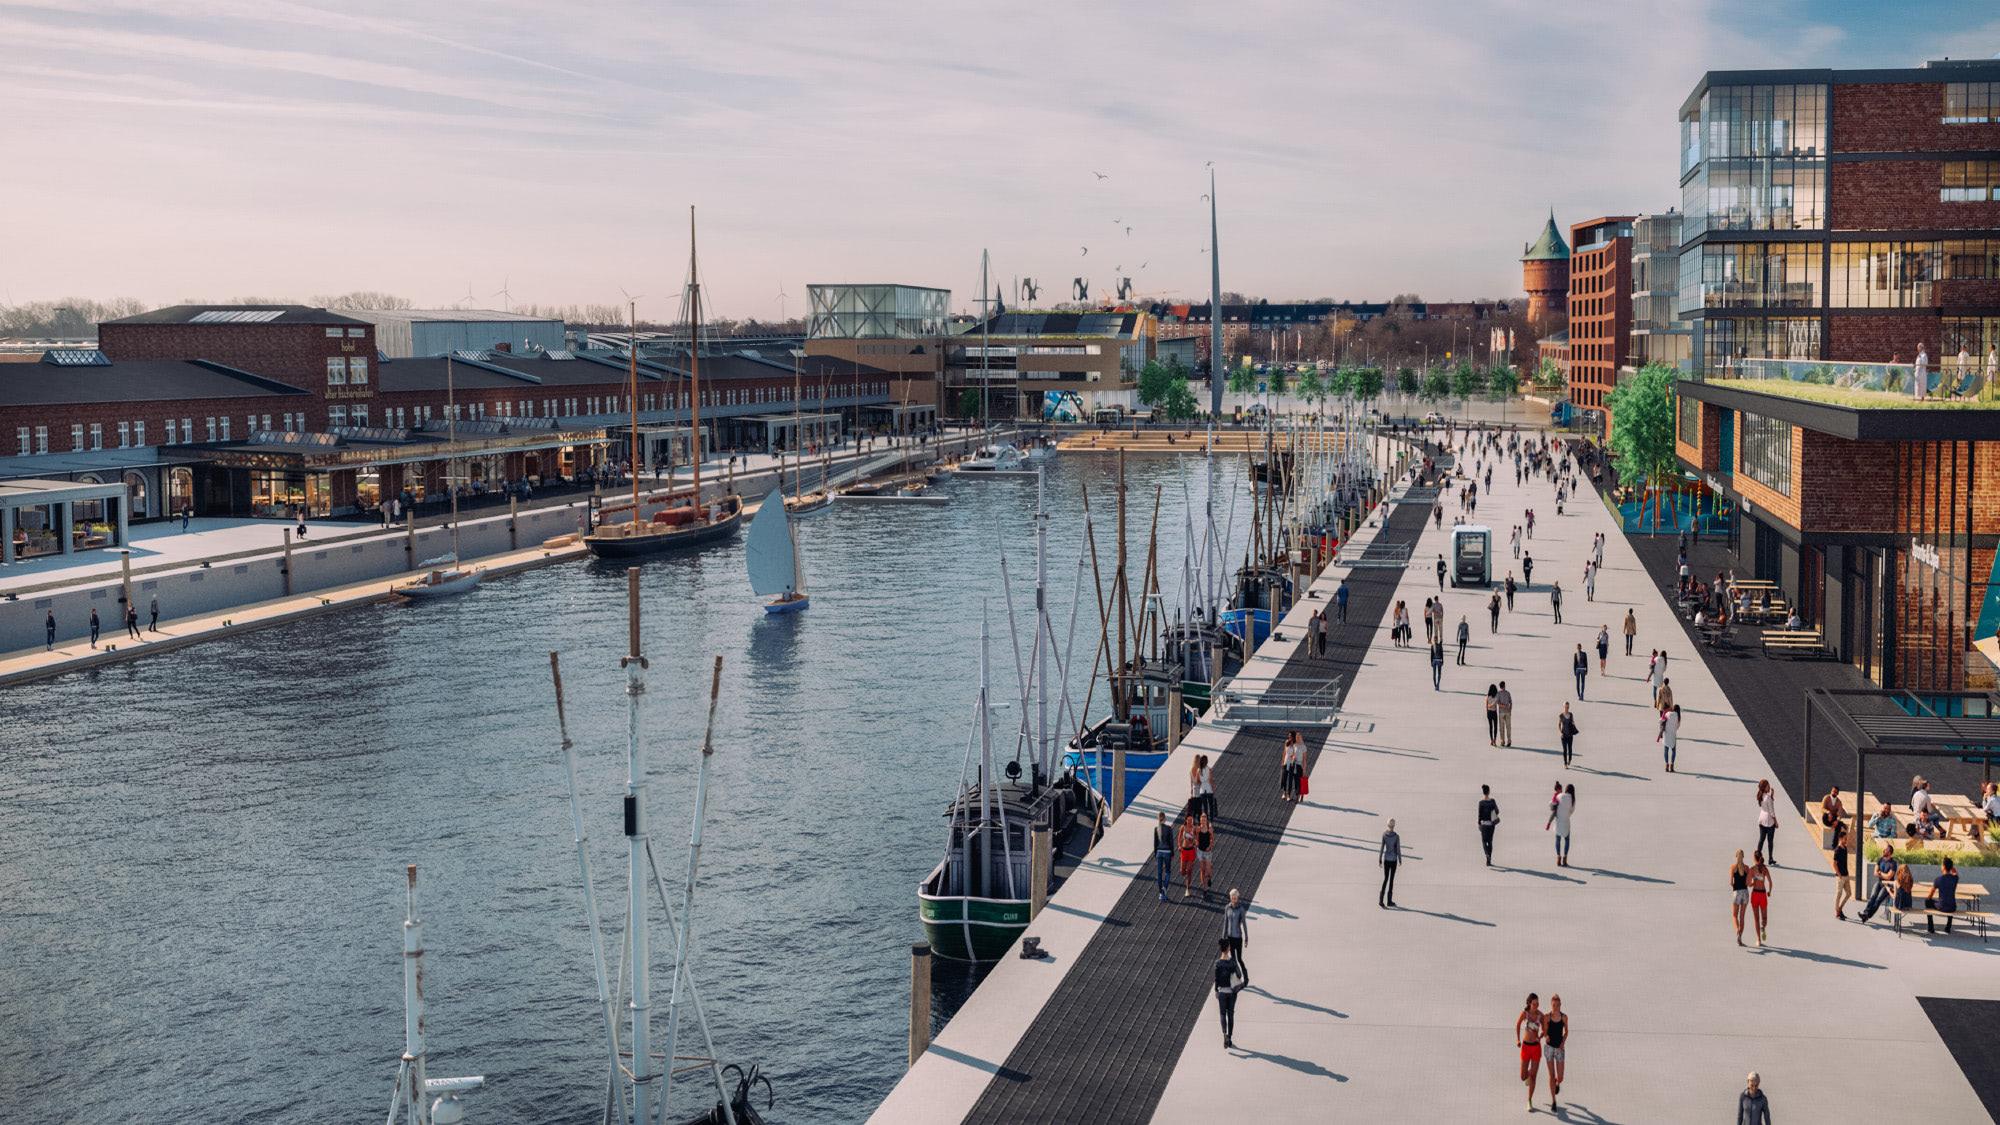 Destinationsentwicklung Quartier Alter Fischereihafen Cuxhaven Aufsicht Mitte Nordseekai Going Places